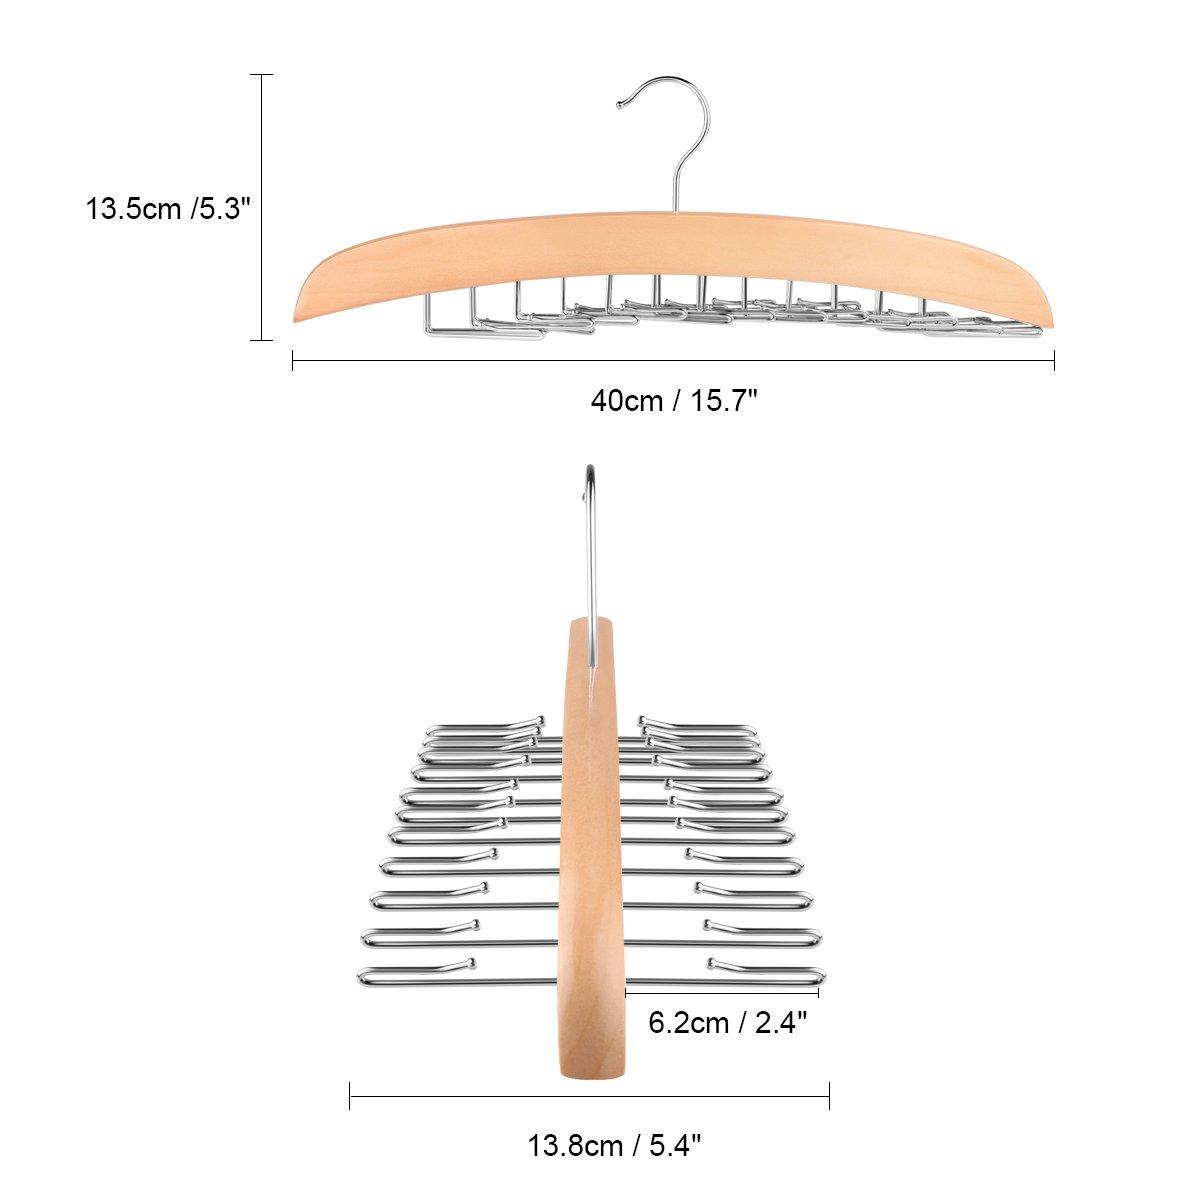 SmartHitech Perchas de Madera para Perchero- Percha Port/átil Organizador de Corbata Gancho para Percha 24 Ganchos Sostenedor para Corbatas y Cinturones